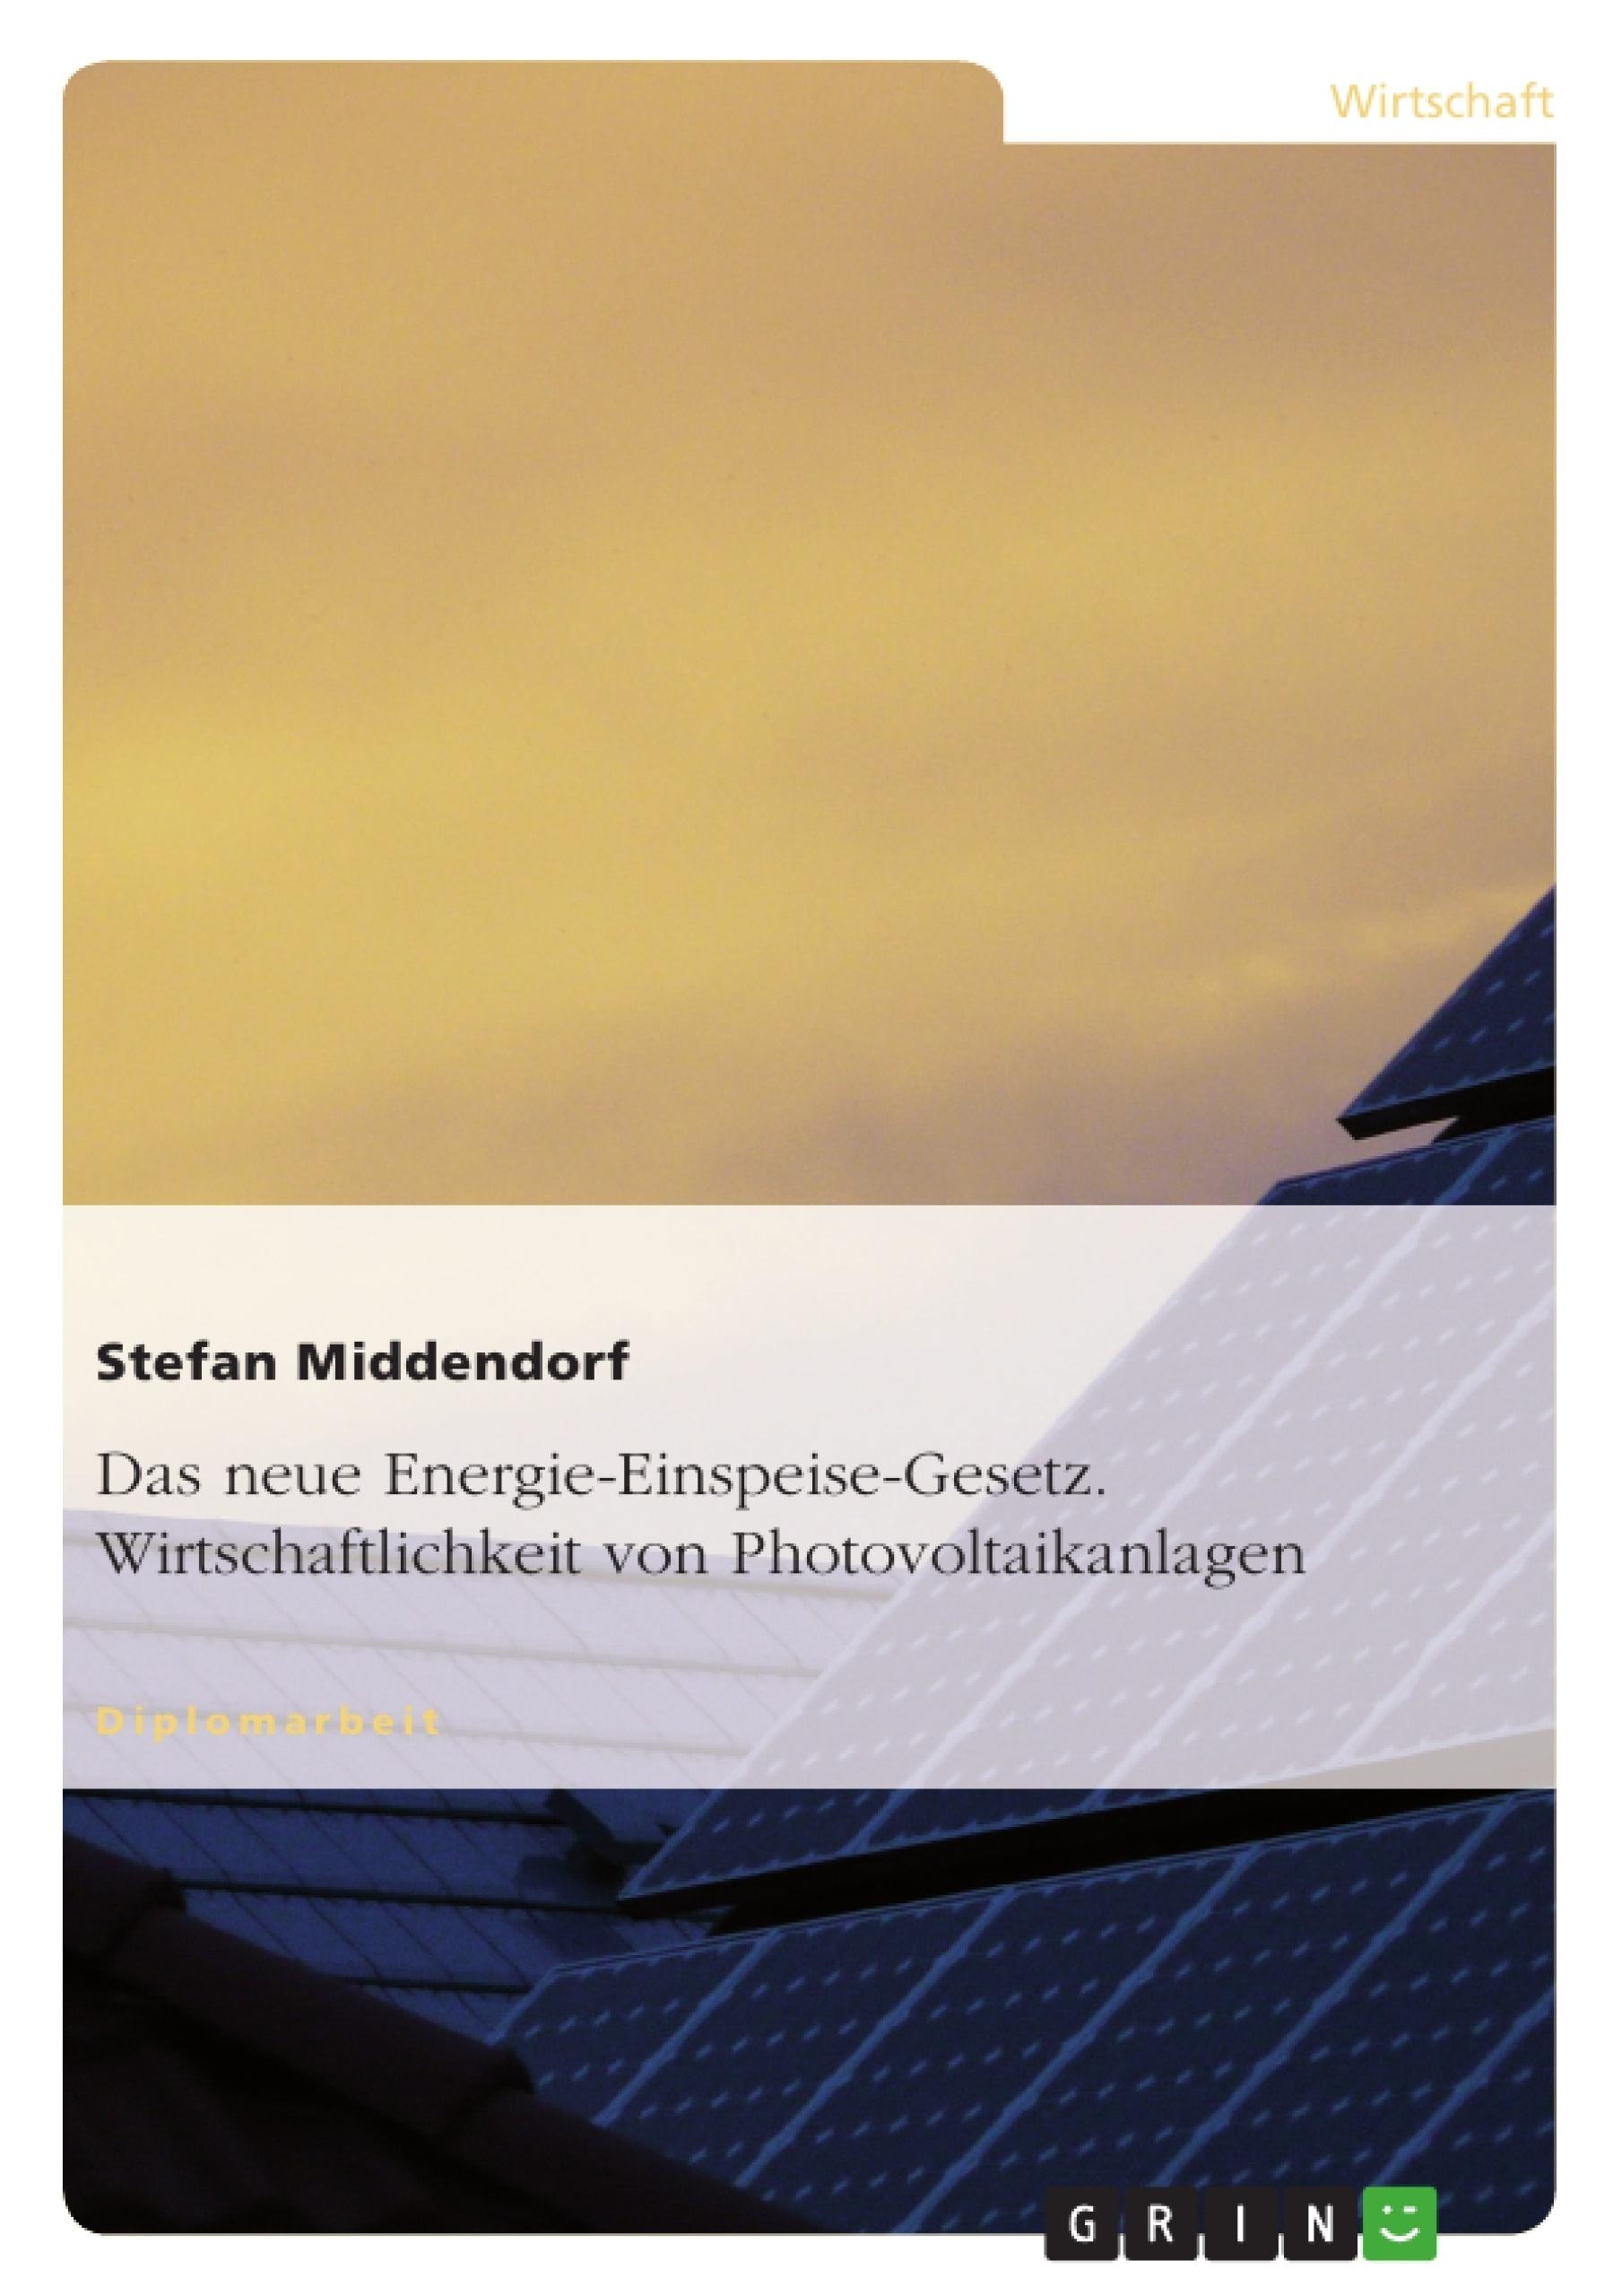 Titel: Das neue Energie-Einspeise-Gesetz. Wirtschaftlichkeit von Photovoltaikanlagen